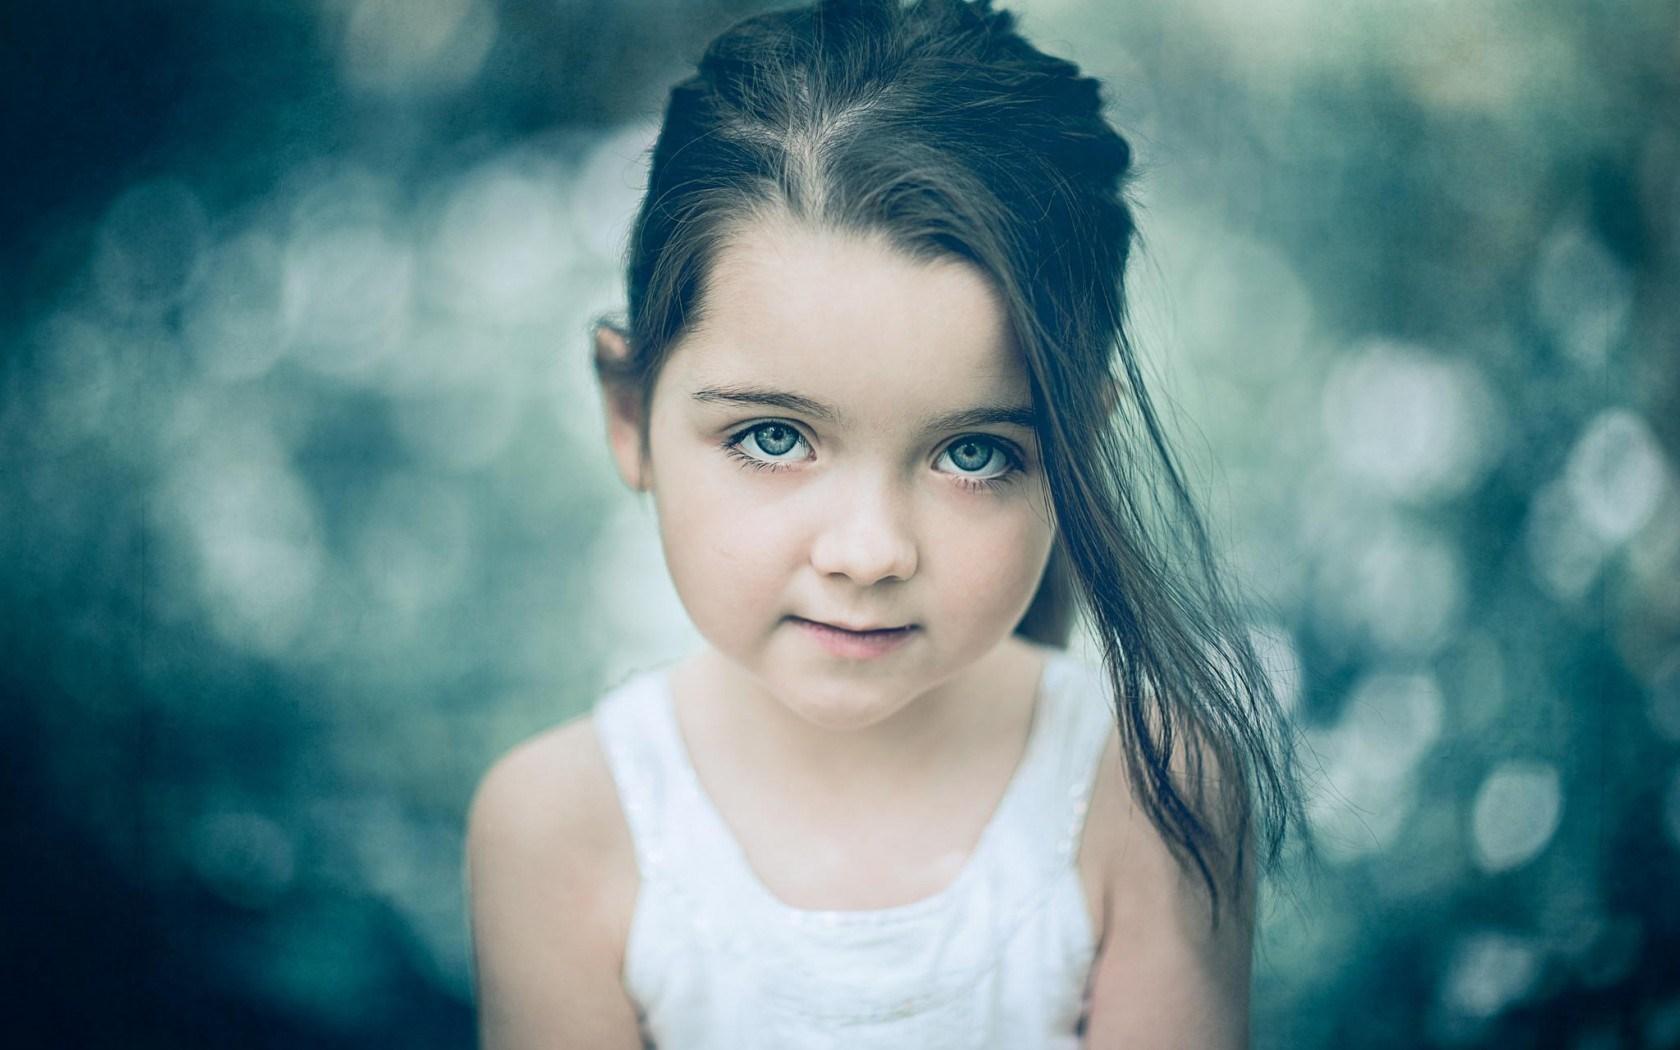 lovely-girl-child-look-bokeh-hd-wallpaper.jpg